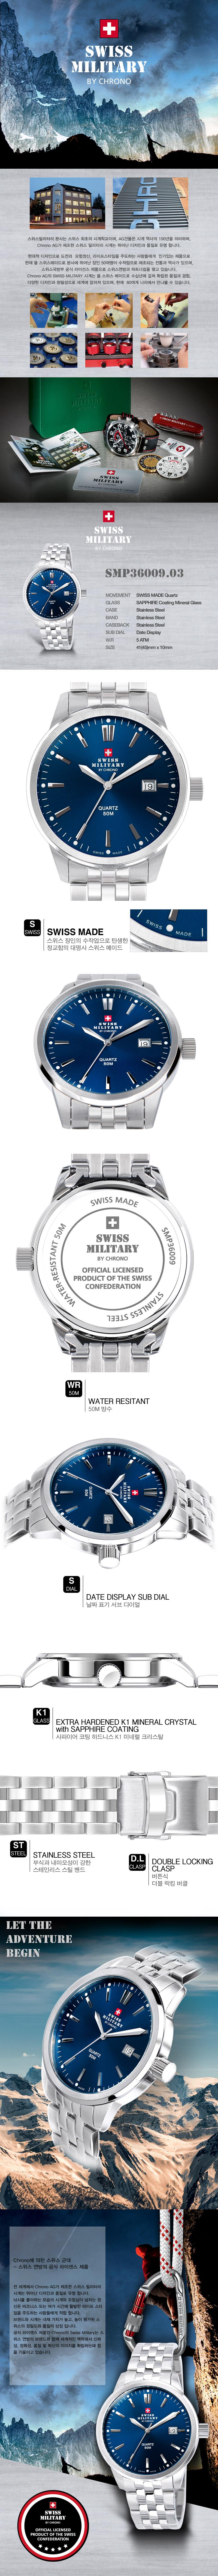 스위스밀리터리(SWISS MILITARY) [스위스밀리터리]SMP36009.03 메탈시계